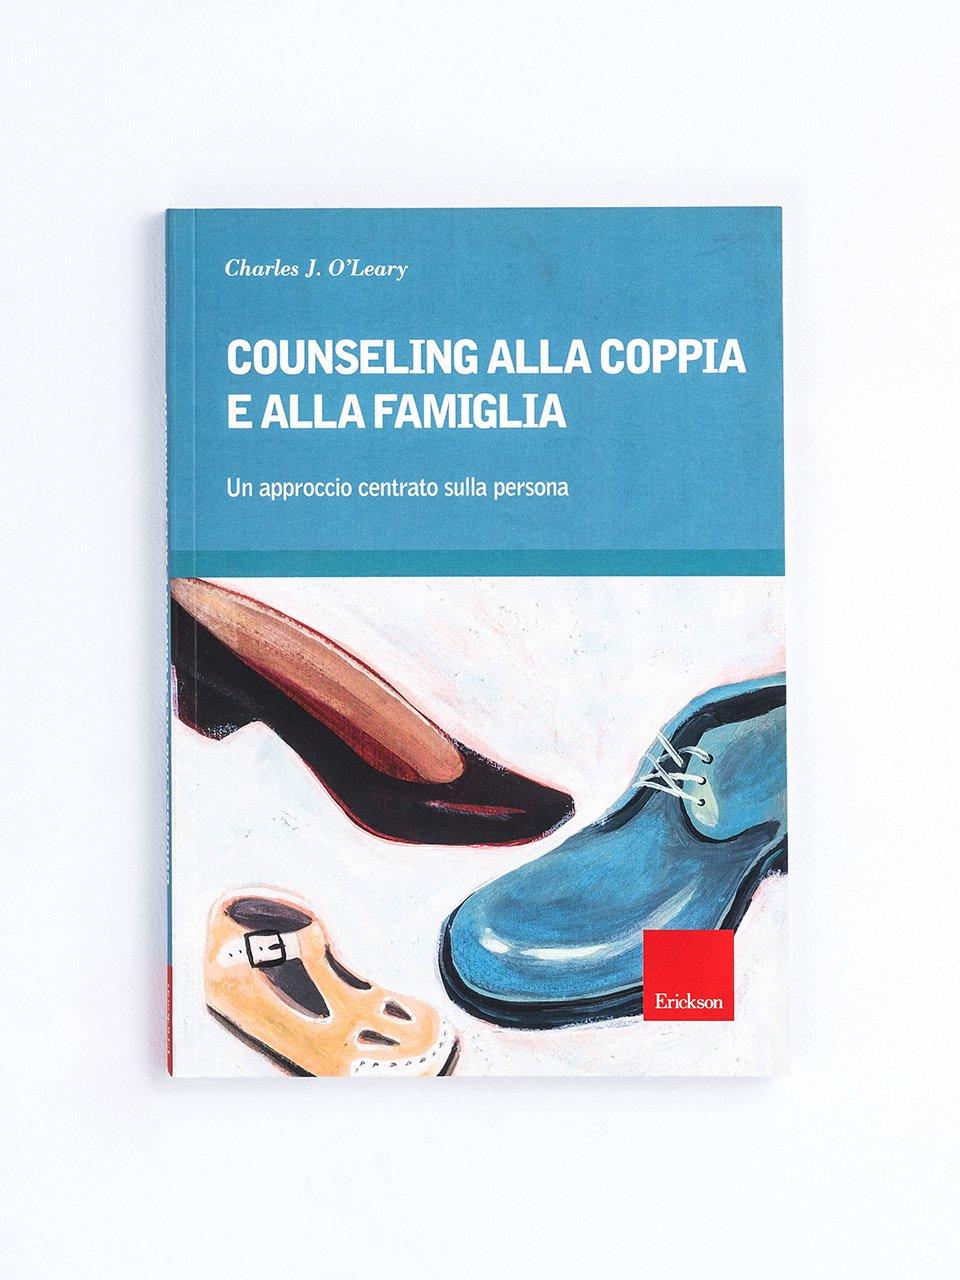 Counseling alla coppia e alla famiglia - Libera il genio di tuo figlio! - Libri - Erickson